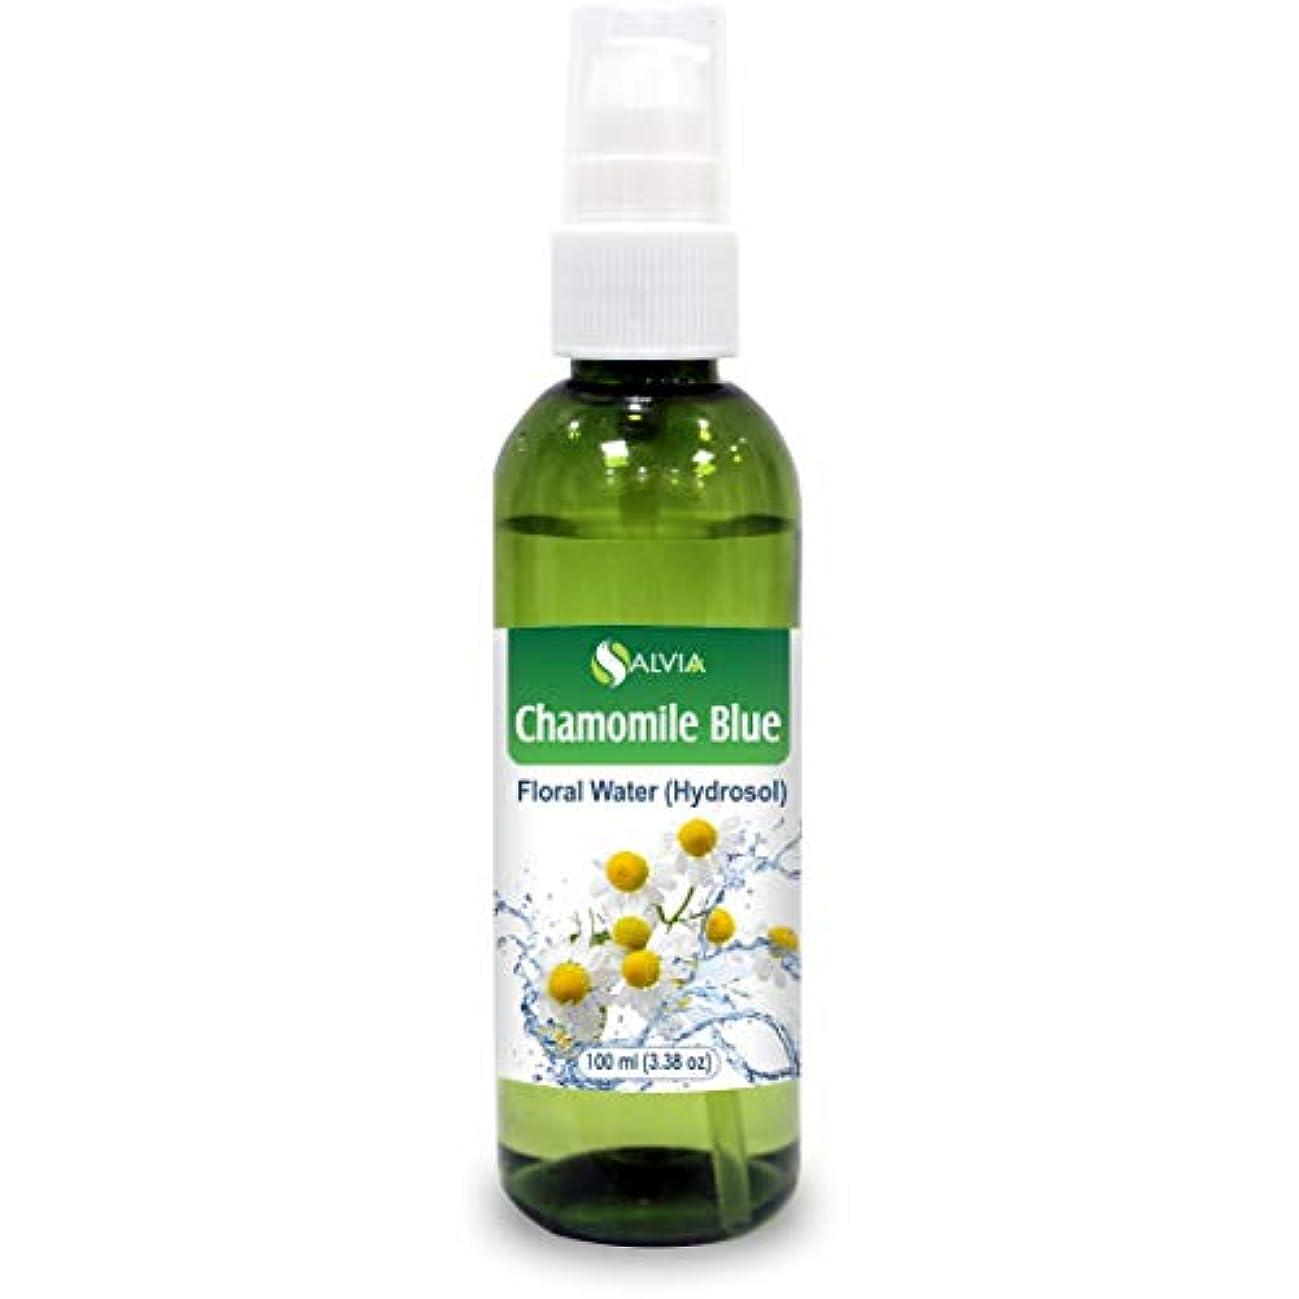 生理注入アンプChamomile Oil, Blue Floral Water 100ml (Hydrosol) 100% Pure And Natural